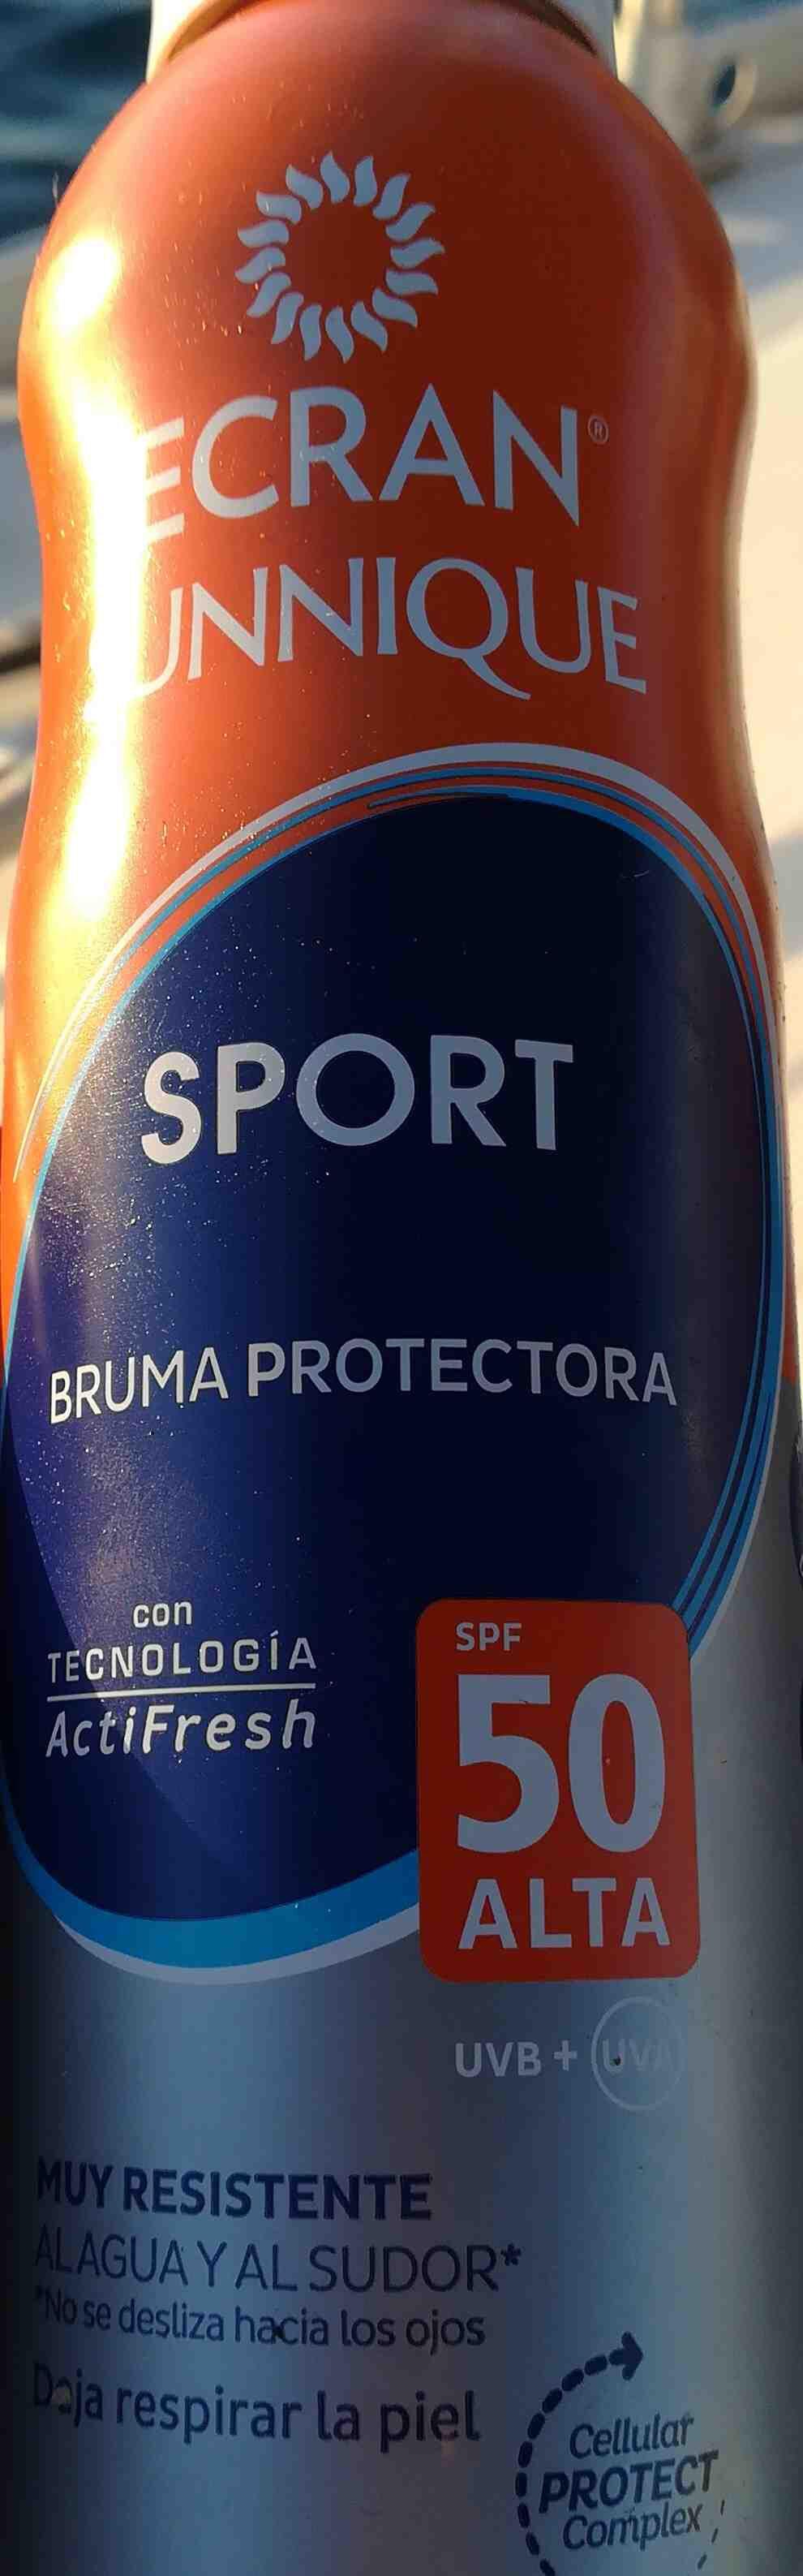 Bruma protectora - Product - en